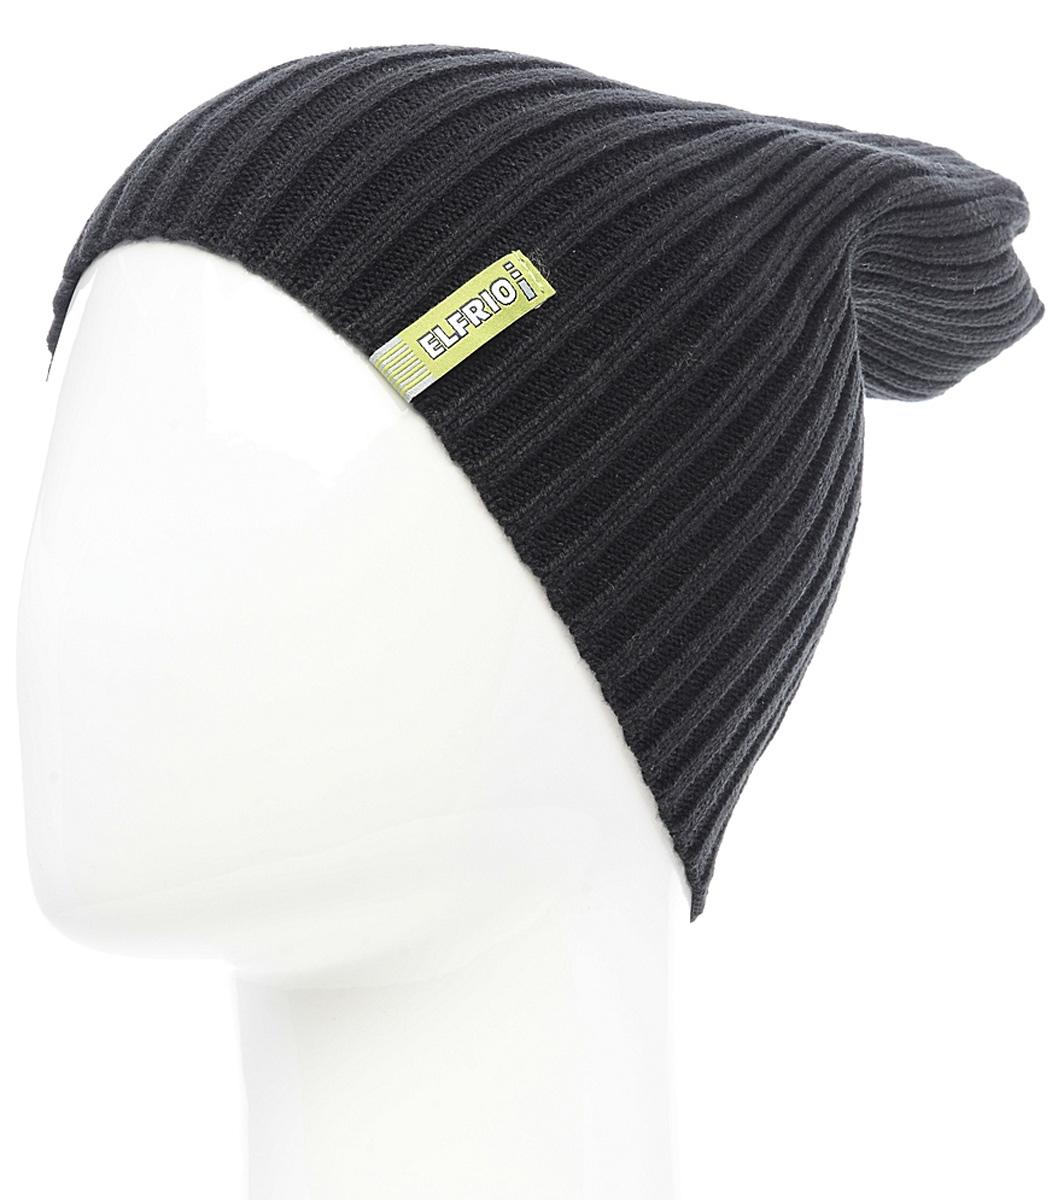 Шапка женская Elfrio, цвет: черный. Размер 56/58. RLH6597RLH6597Модная легкая молодежная шапка Elfrio выполнена из мягкого акрила. Шапку можно носить как колпак и как обычную шапку с отворотом. Модель дополнена жаккардовой петлей.